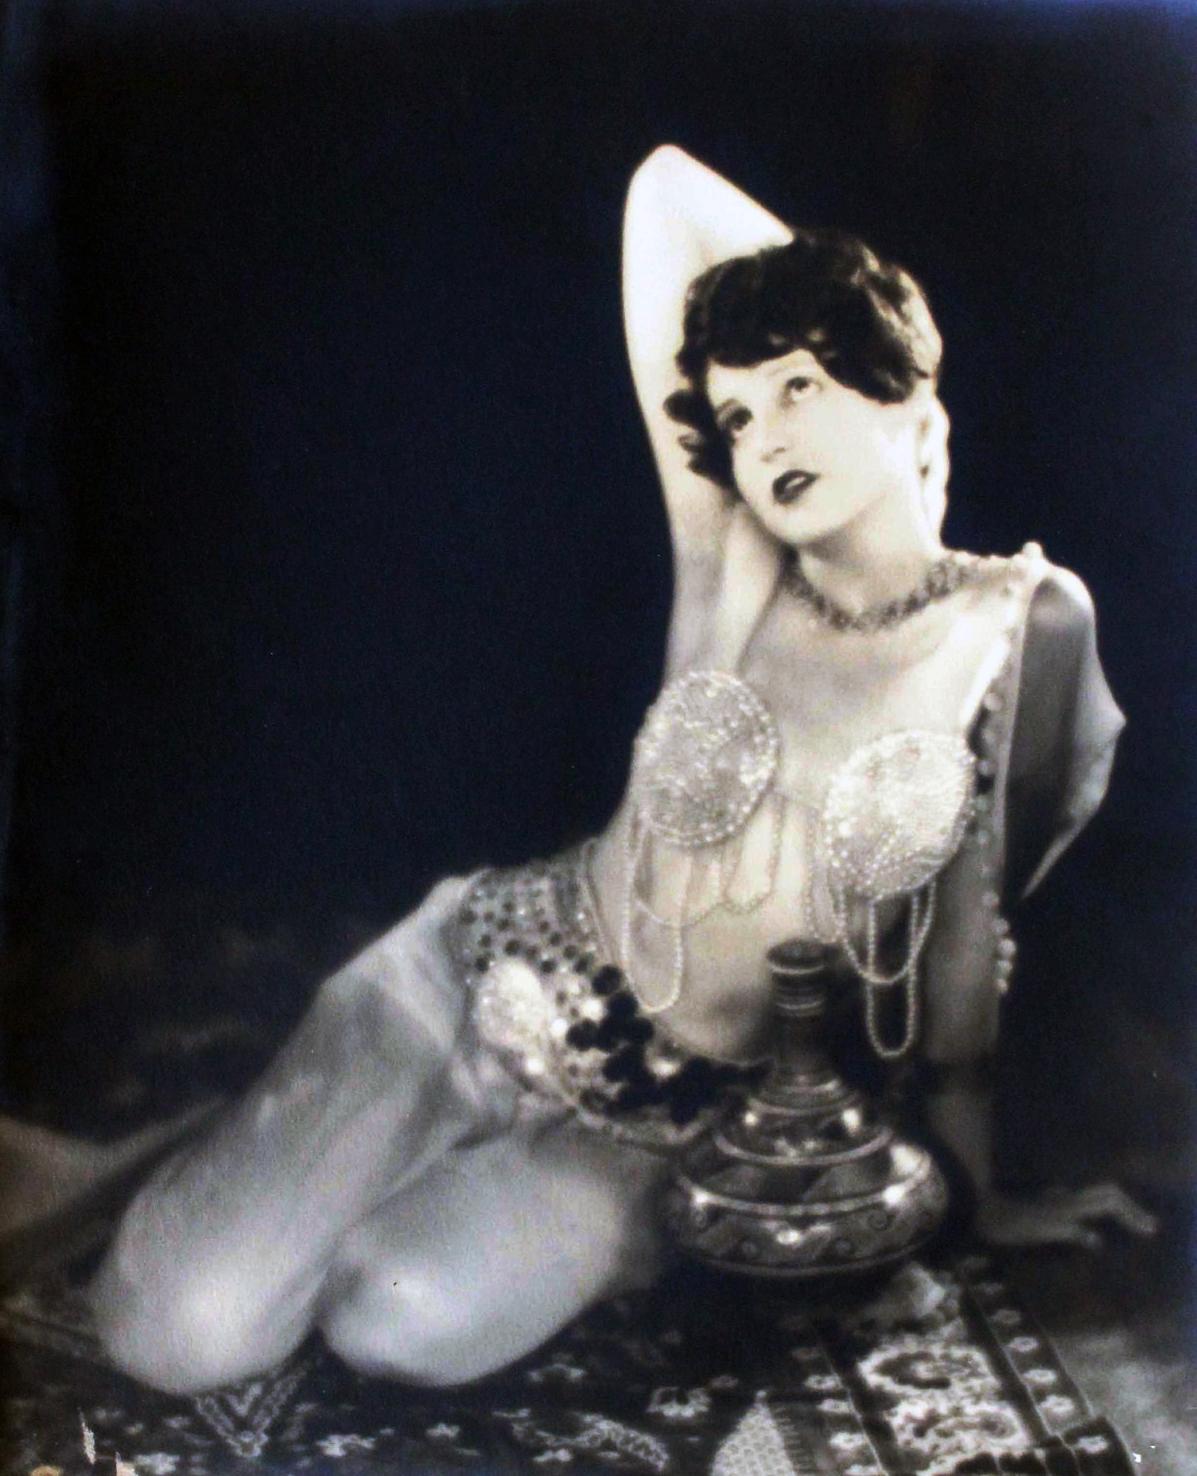 Edward Bower Hesser -Carol Sue, 1920s